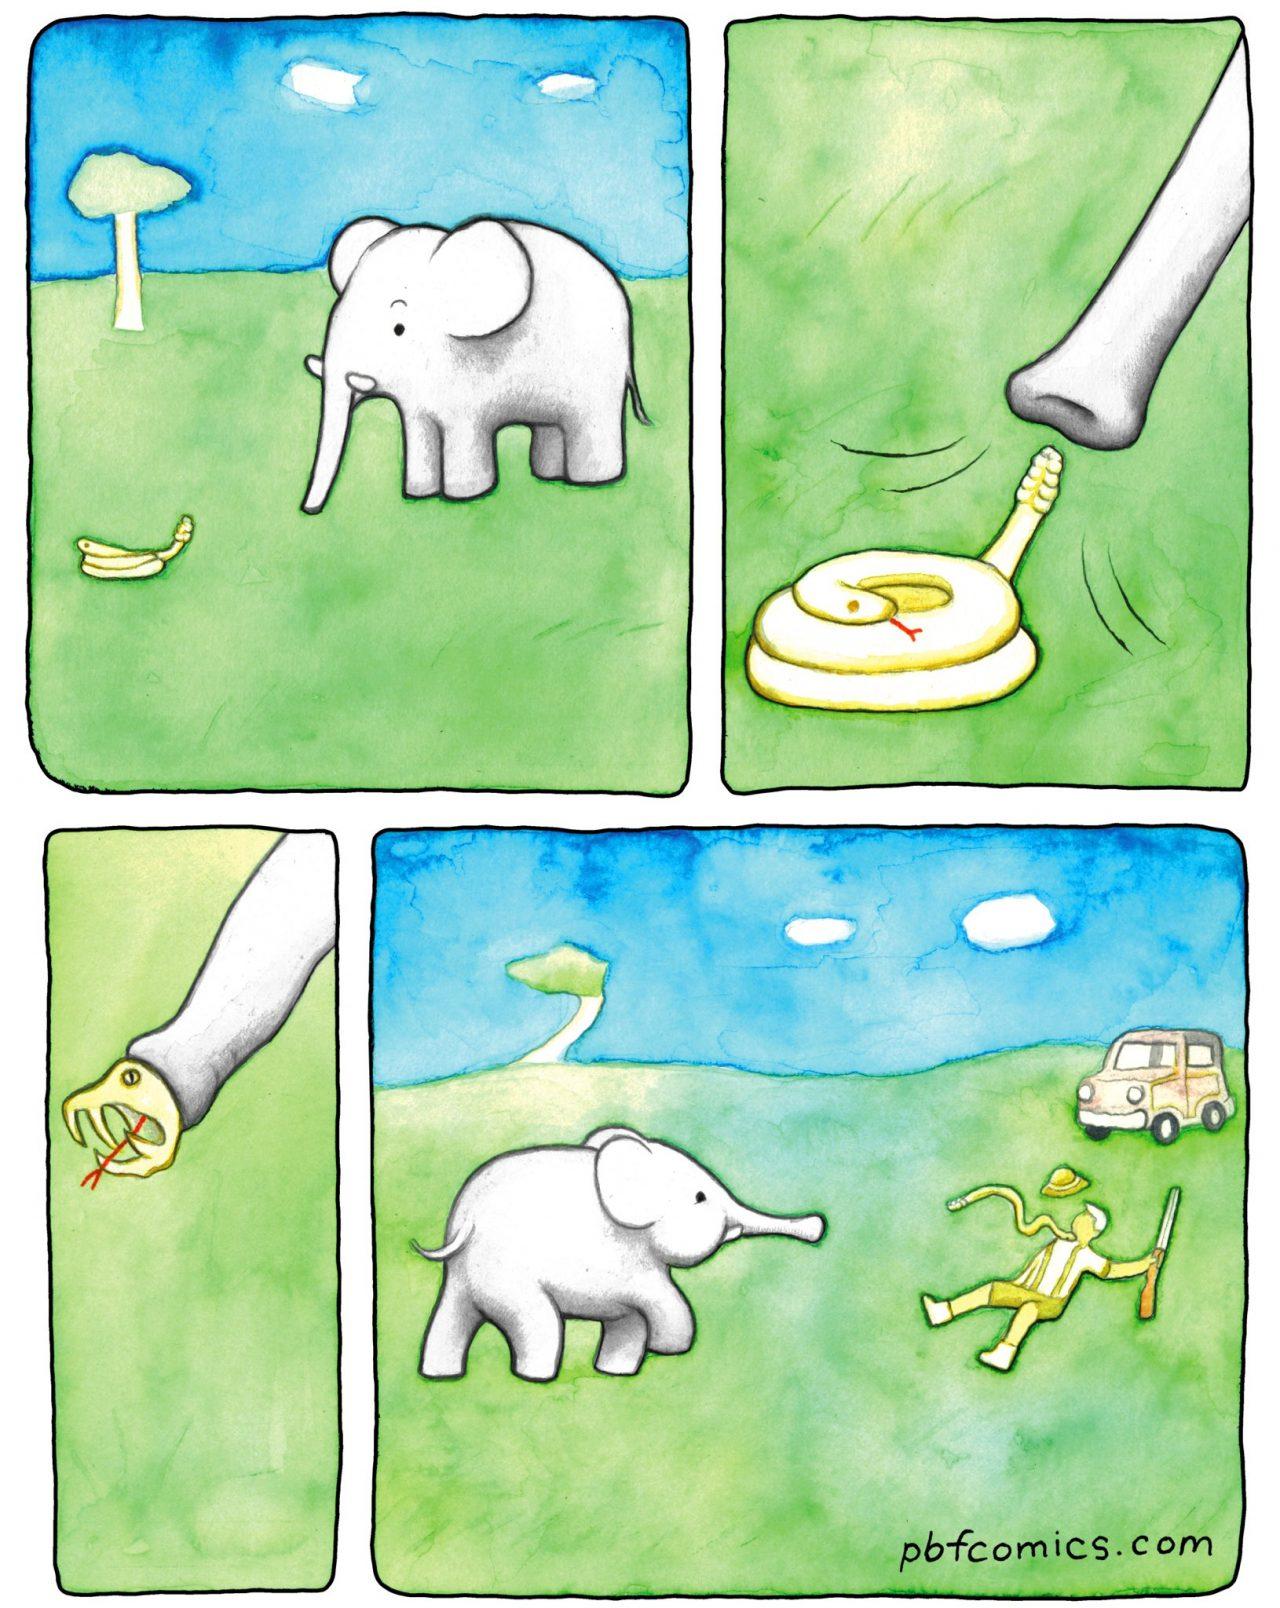 La Tierra no es un planeta dominado por civilizaciones de avanzados elefantes de puro milagro...